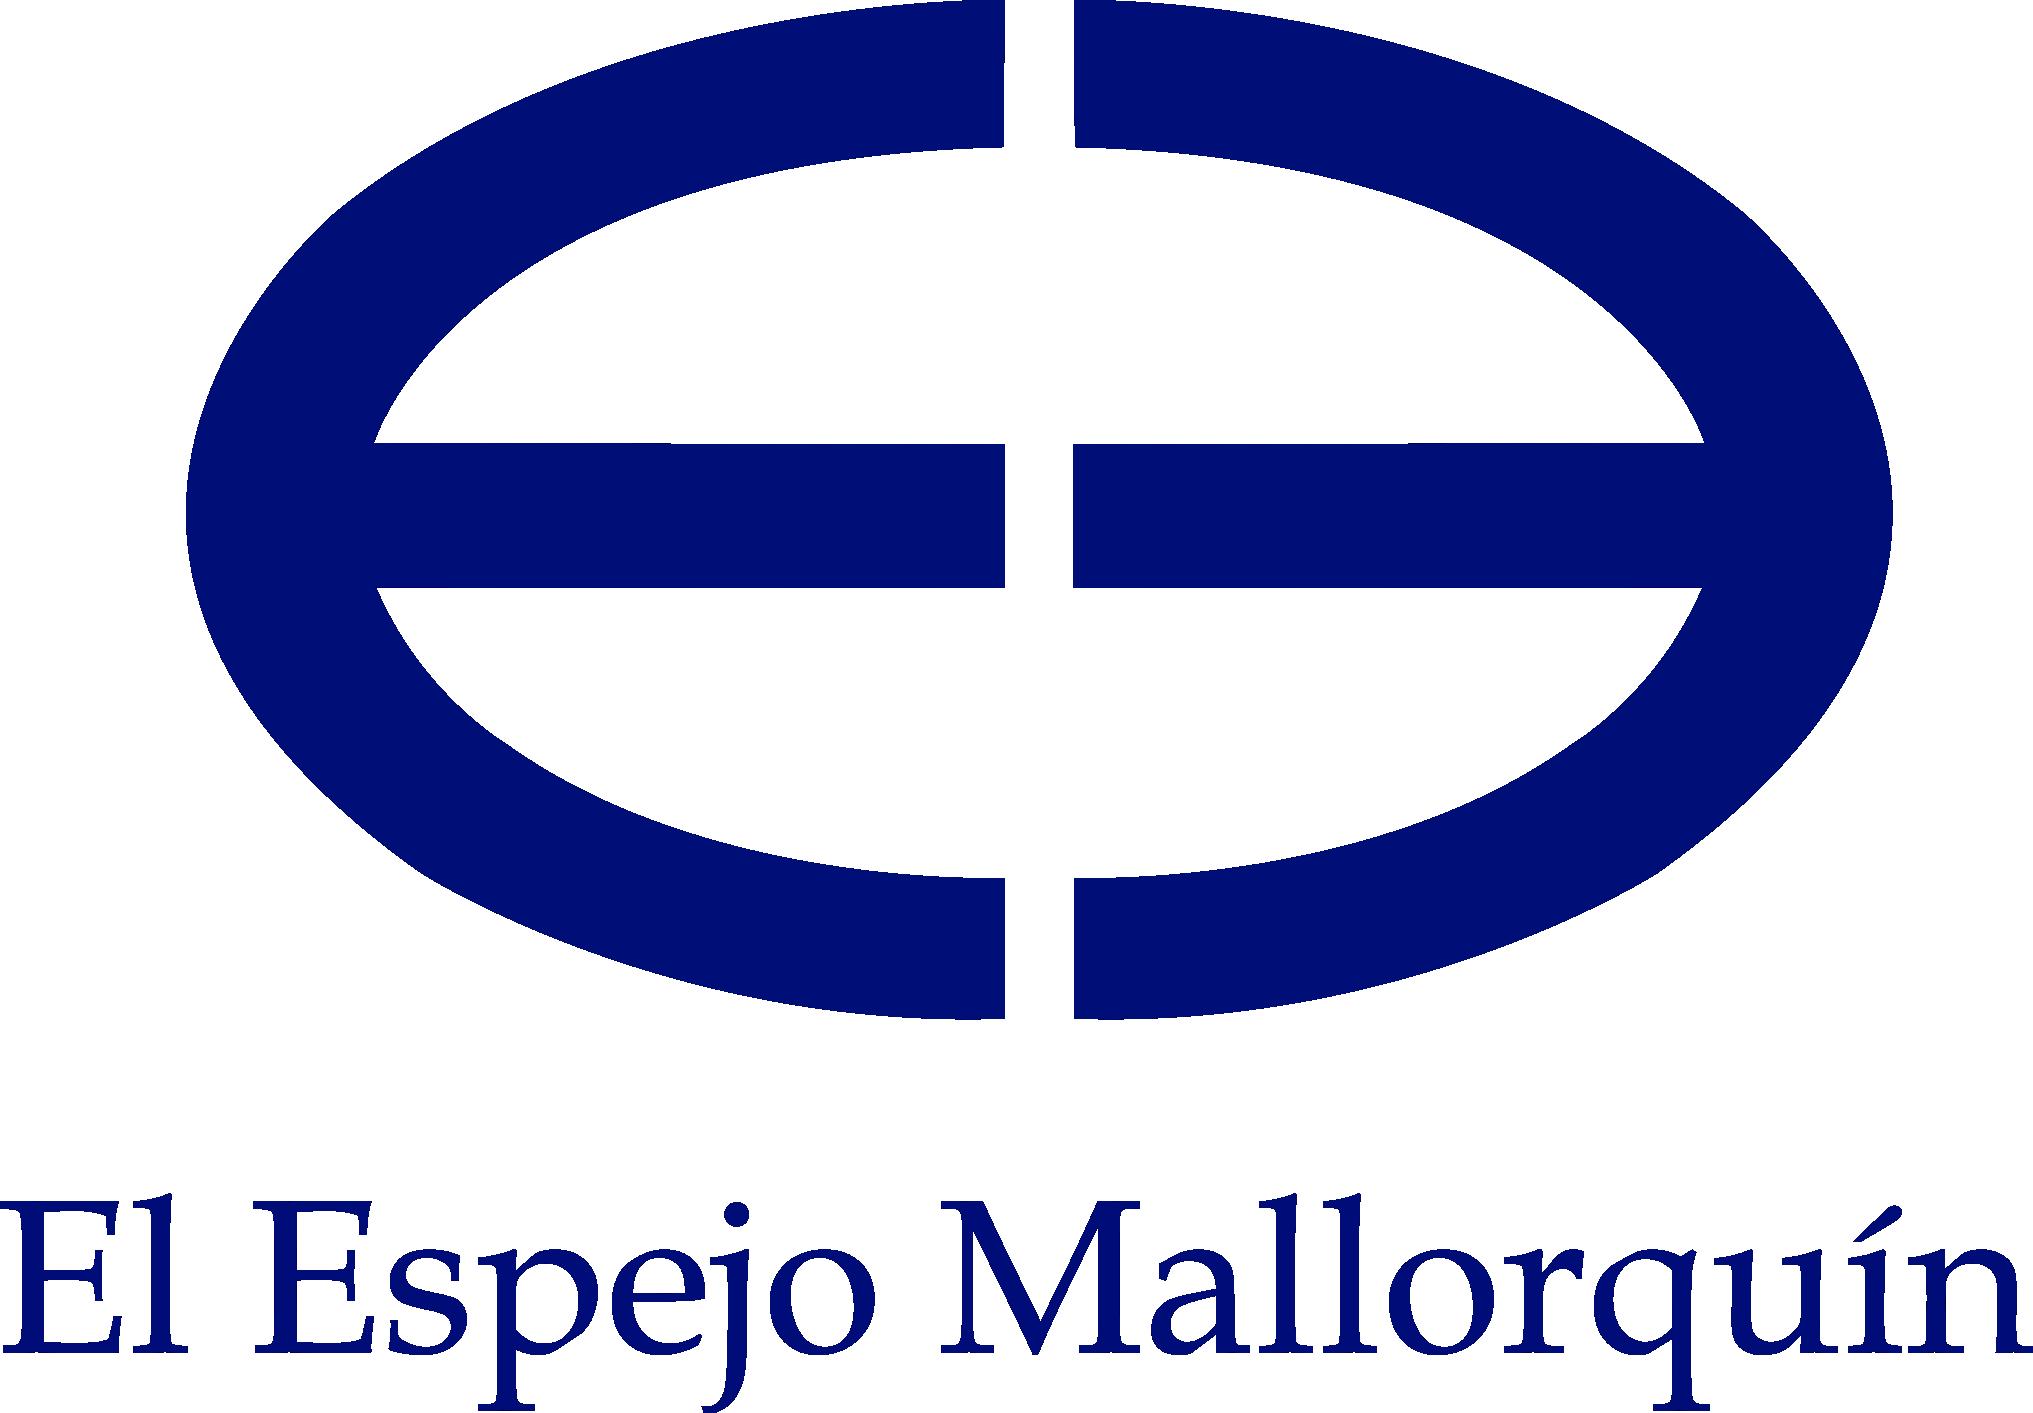 Espejo Mallorquin